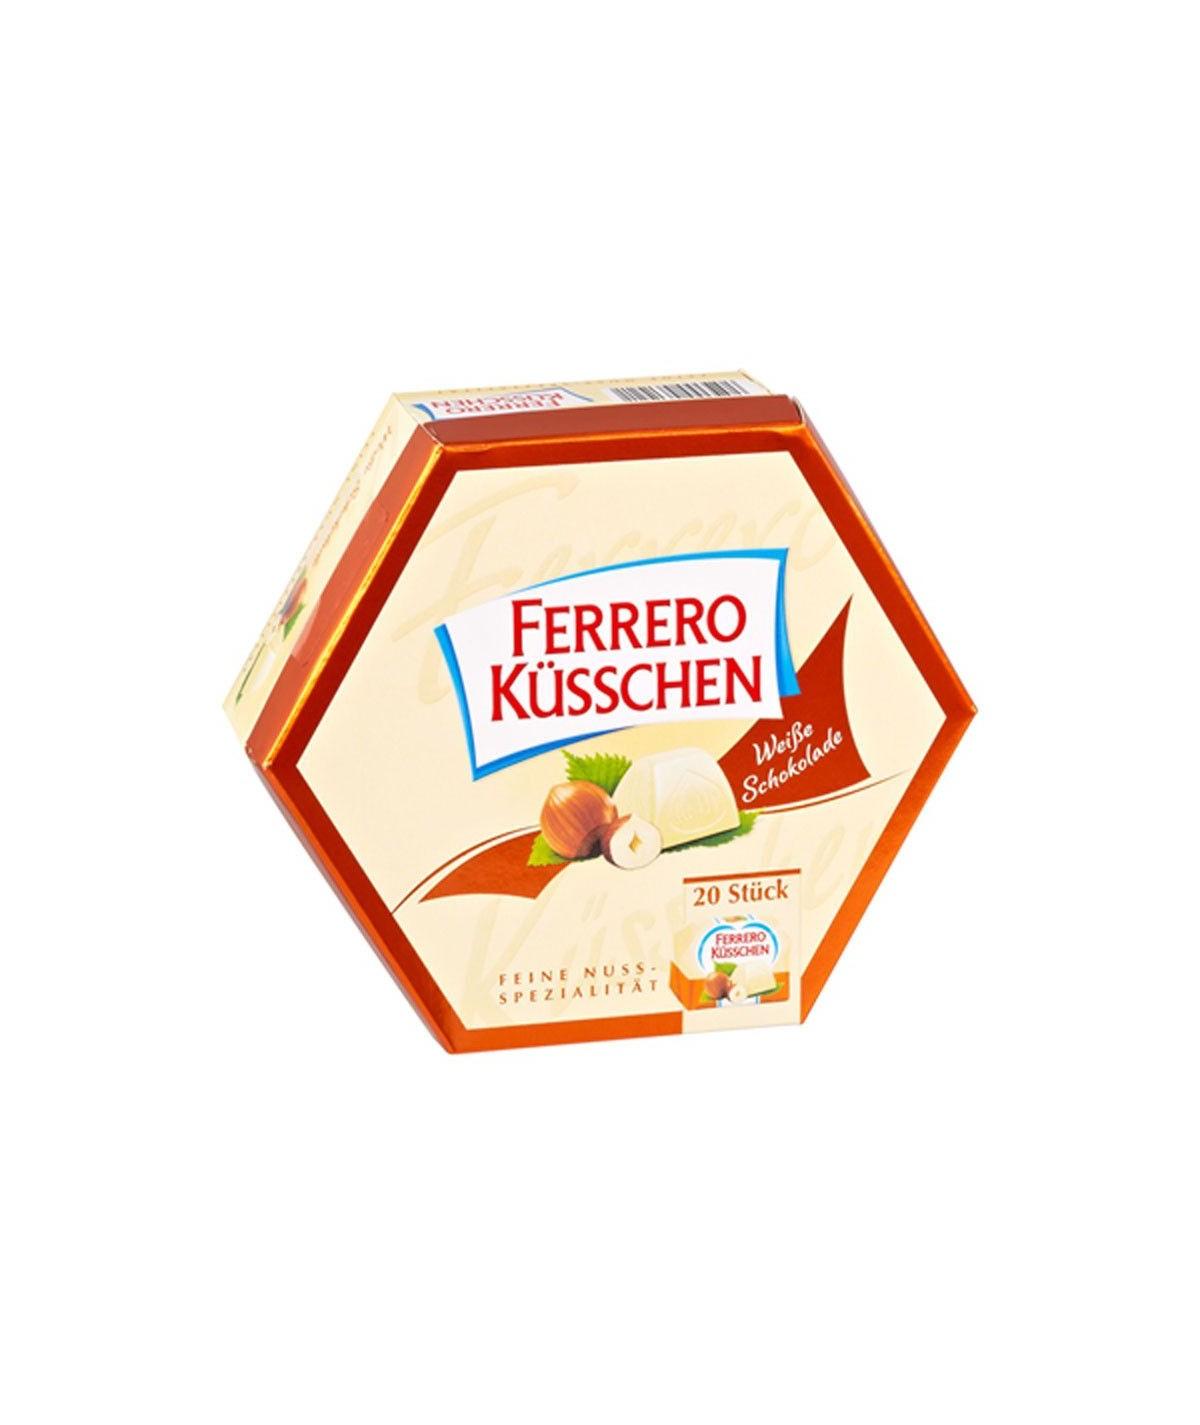 Küsschen Weiße Schokolade Ferrero 178 g